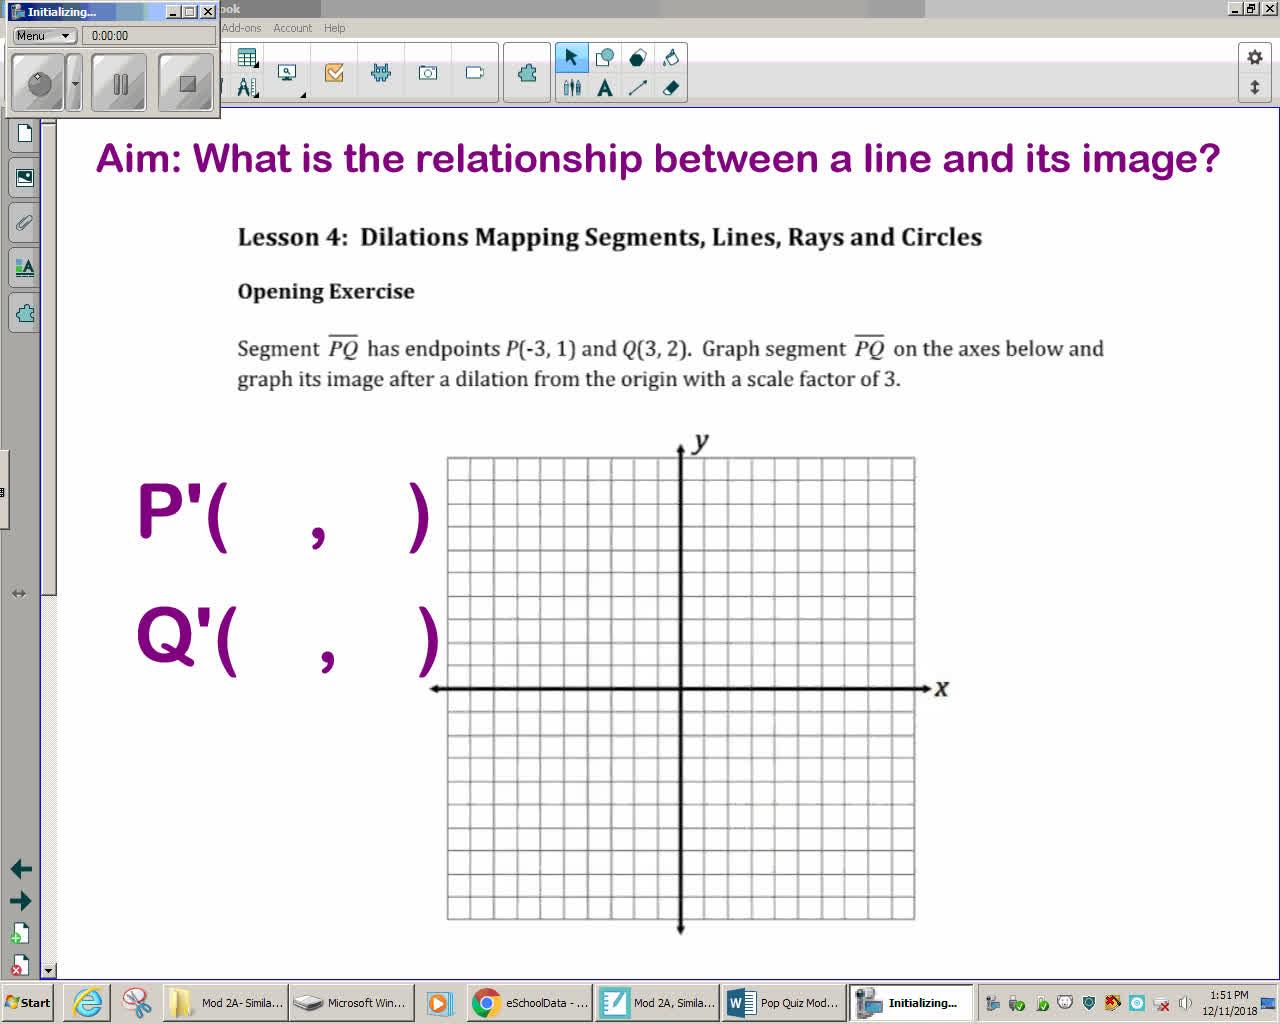 Module 2A Unit 4 Lesson 4